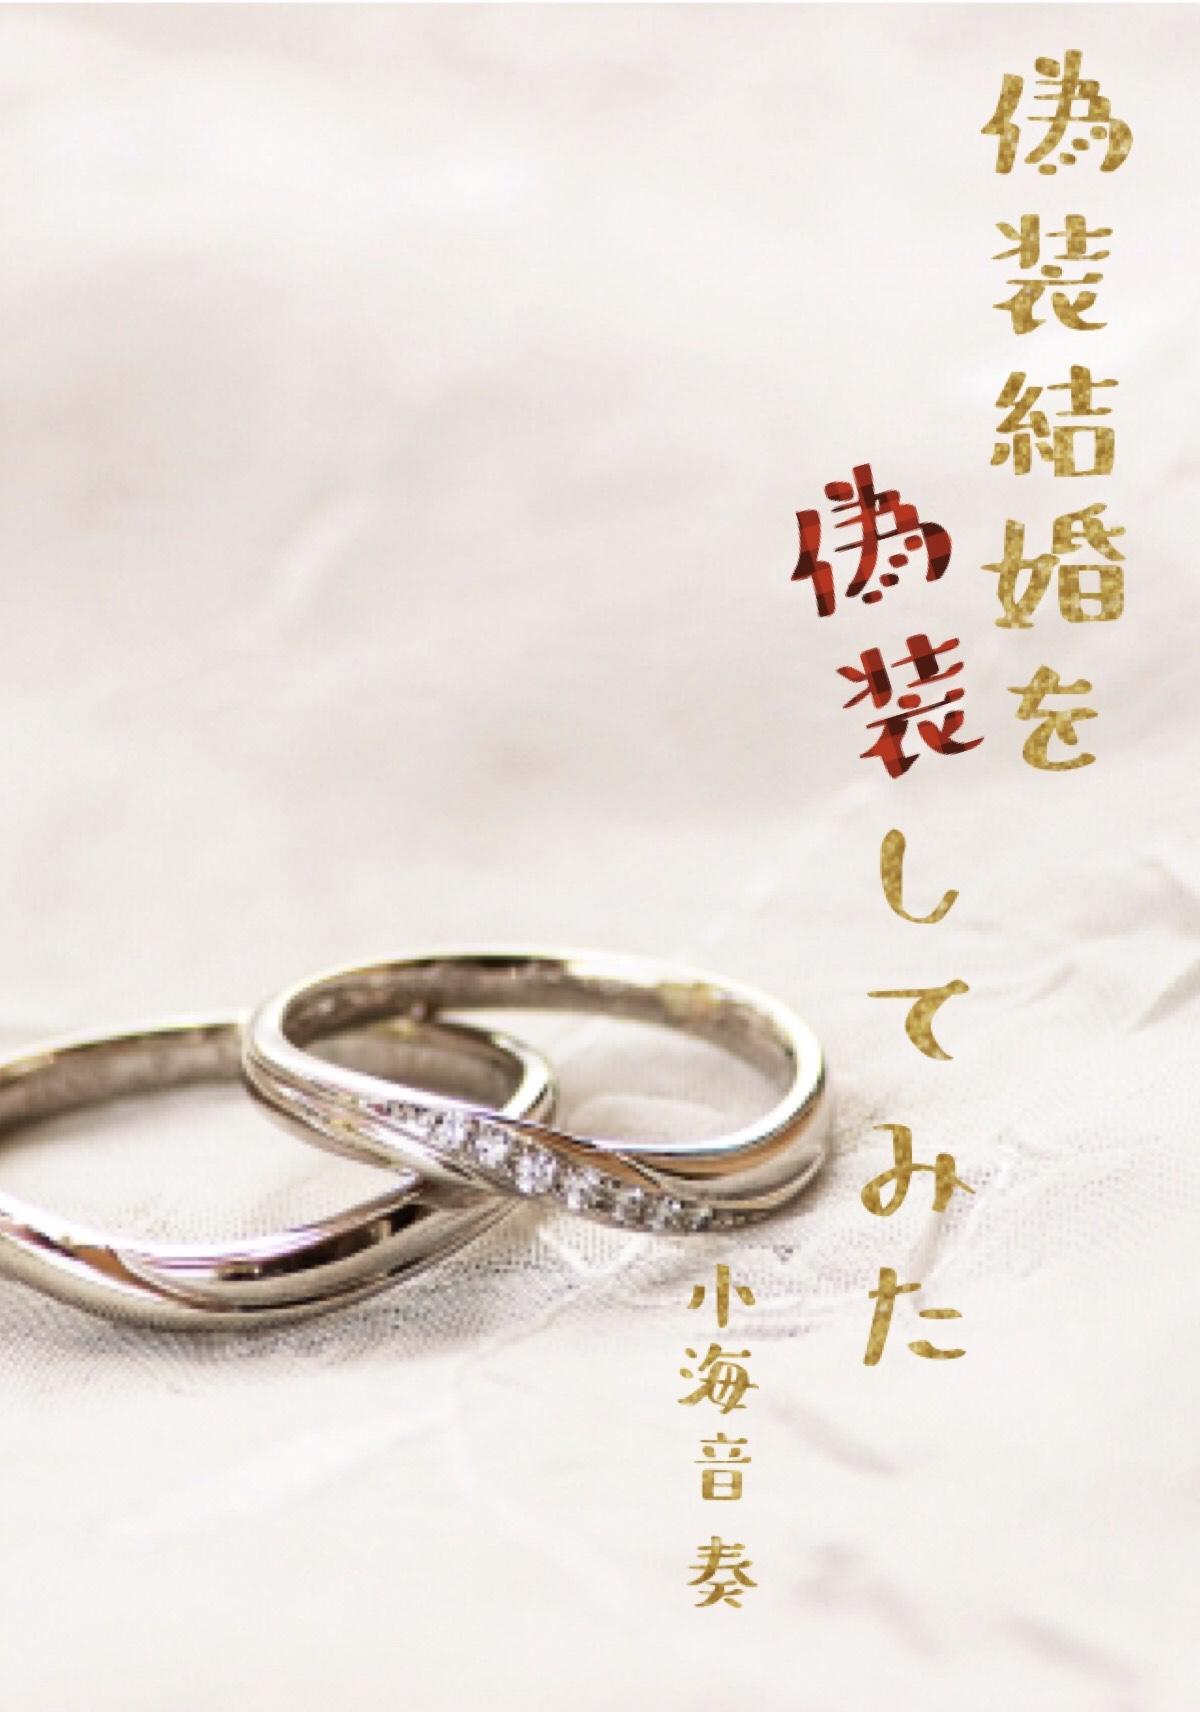 偽装結婚を偽装してみたの表紙